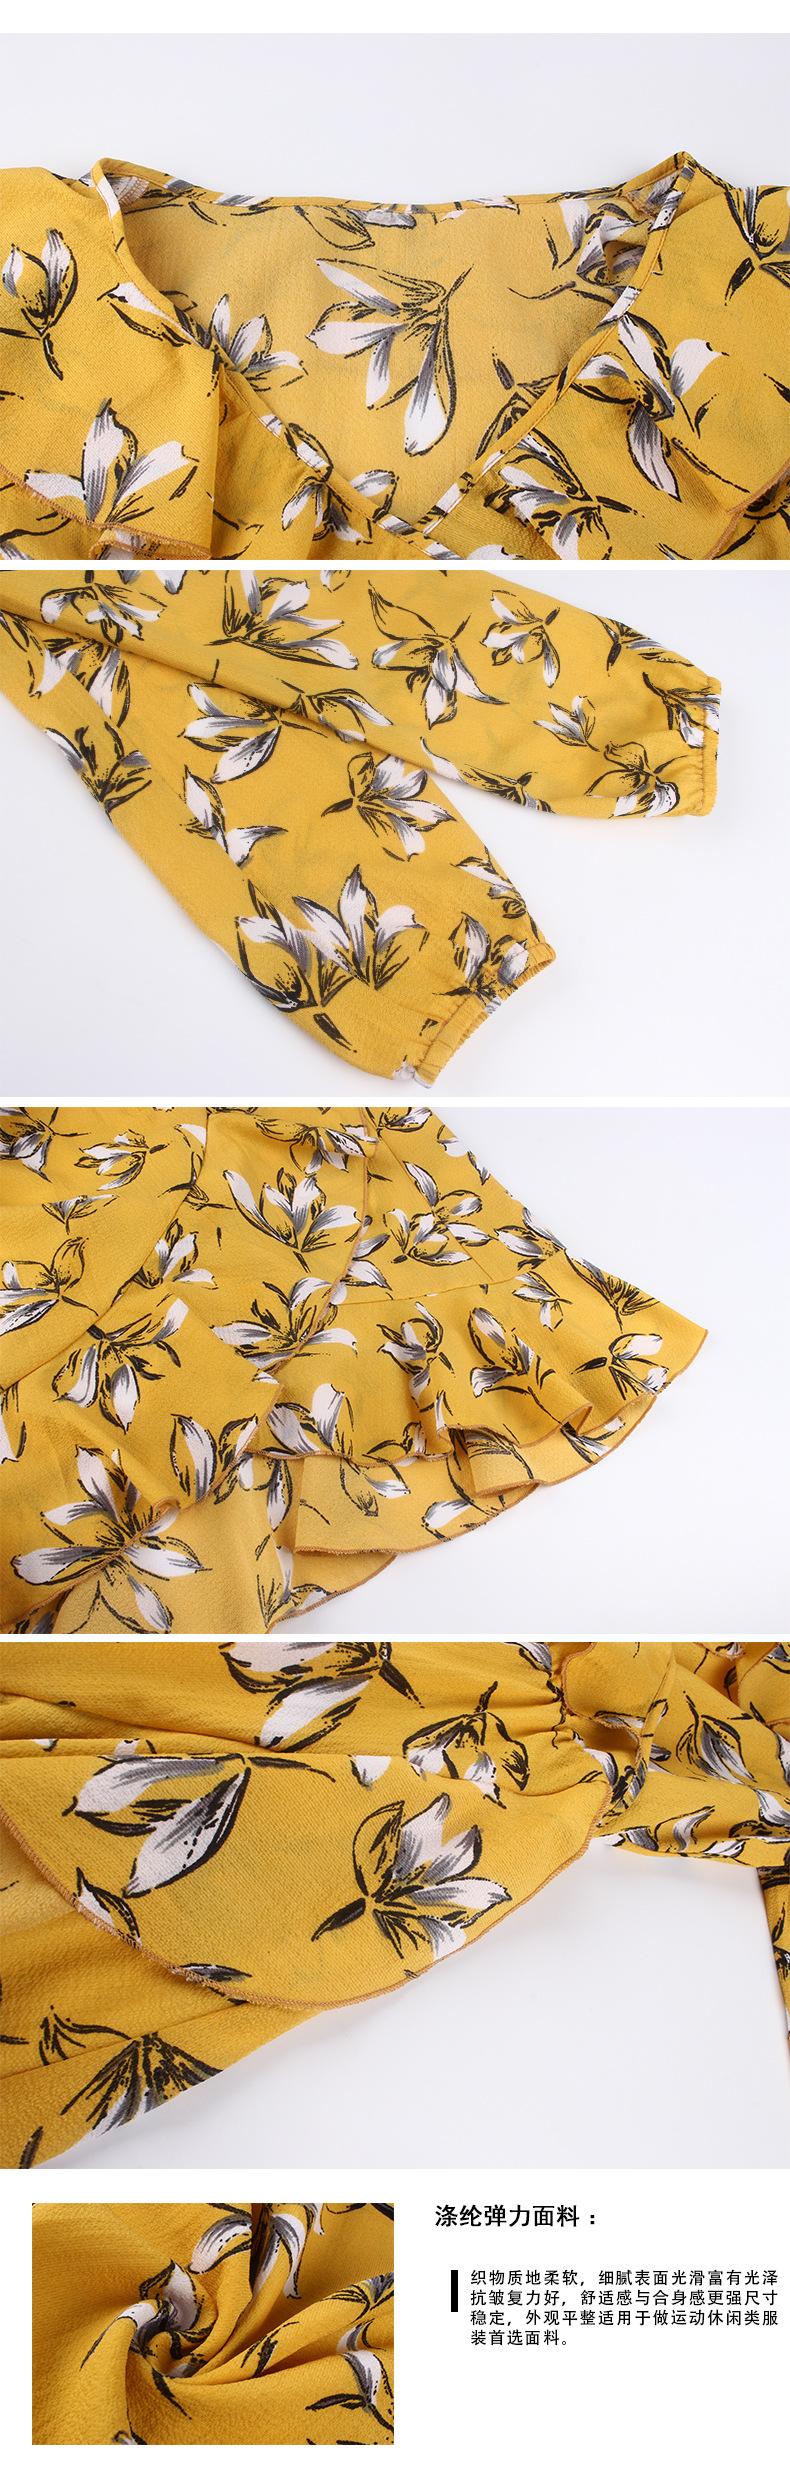 Chiffon Dress with Ruffles